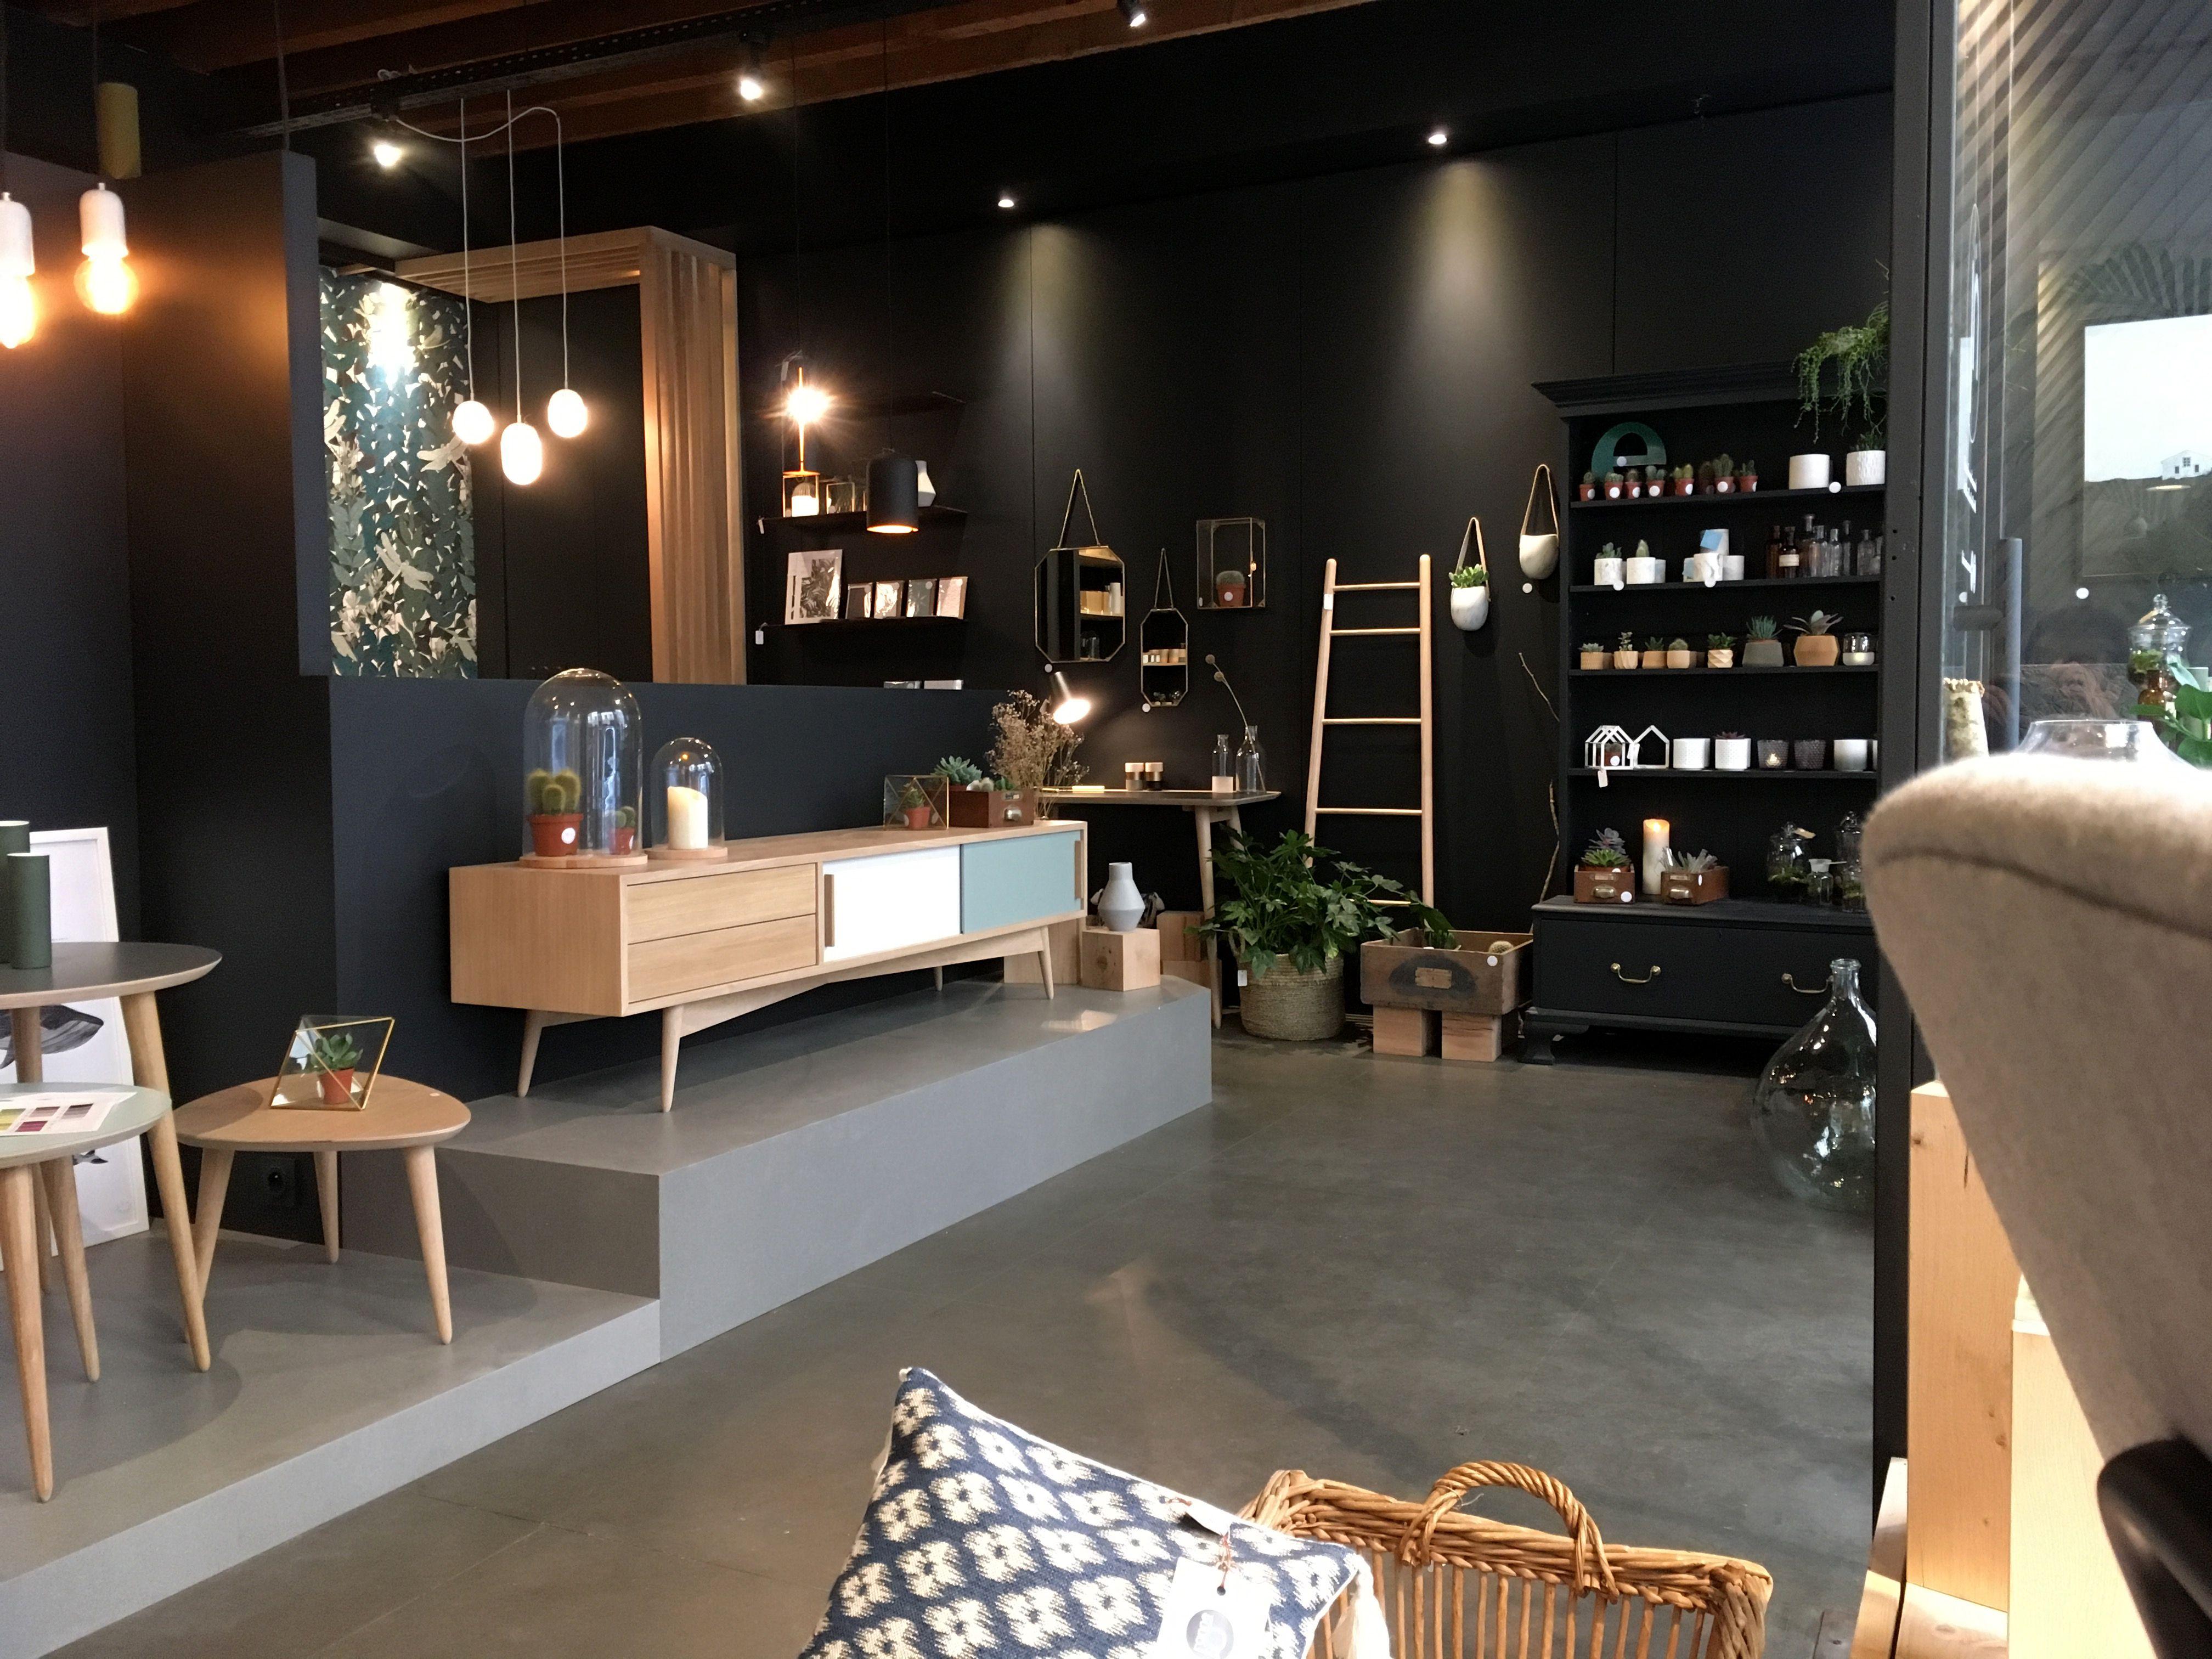 Retrouvez Les Meubles Des Gentlemen Designers A La Boutique Concept Store Influences A Lyon 43 Rue Auguste Comte Mobilier Tendance Conceptstore Surmesure